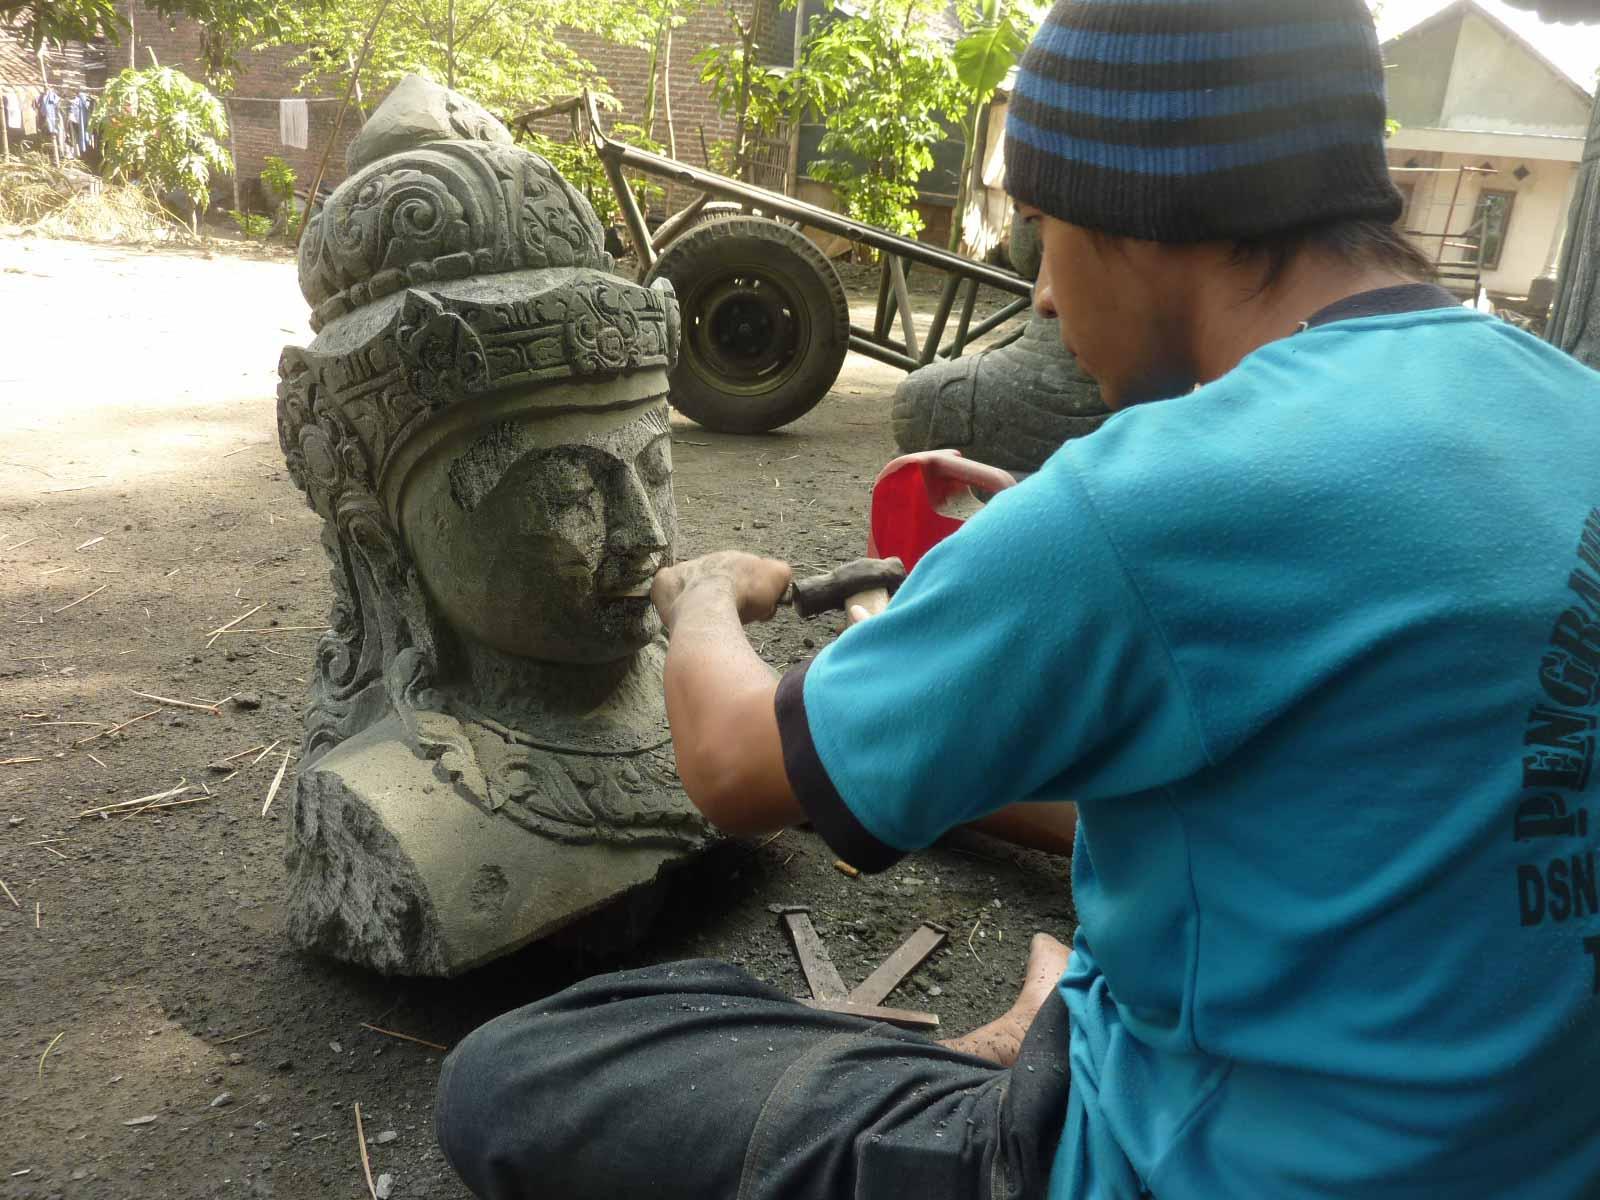 Wir sind Spzialisten für große Buddha Figuren und Unikate